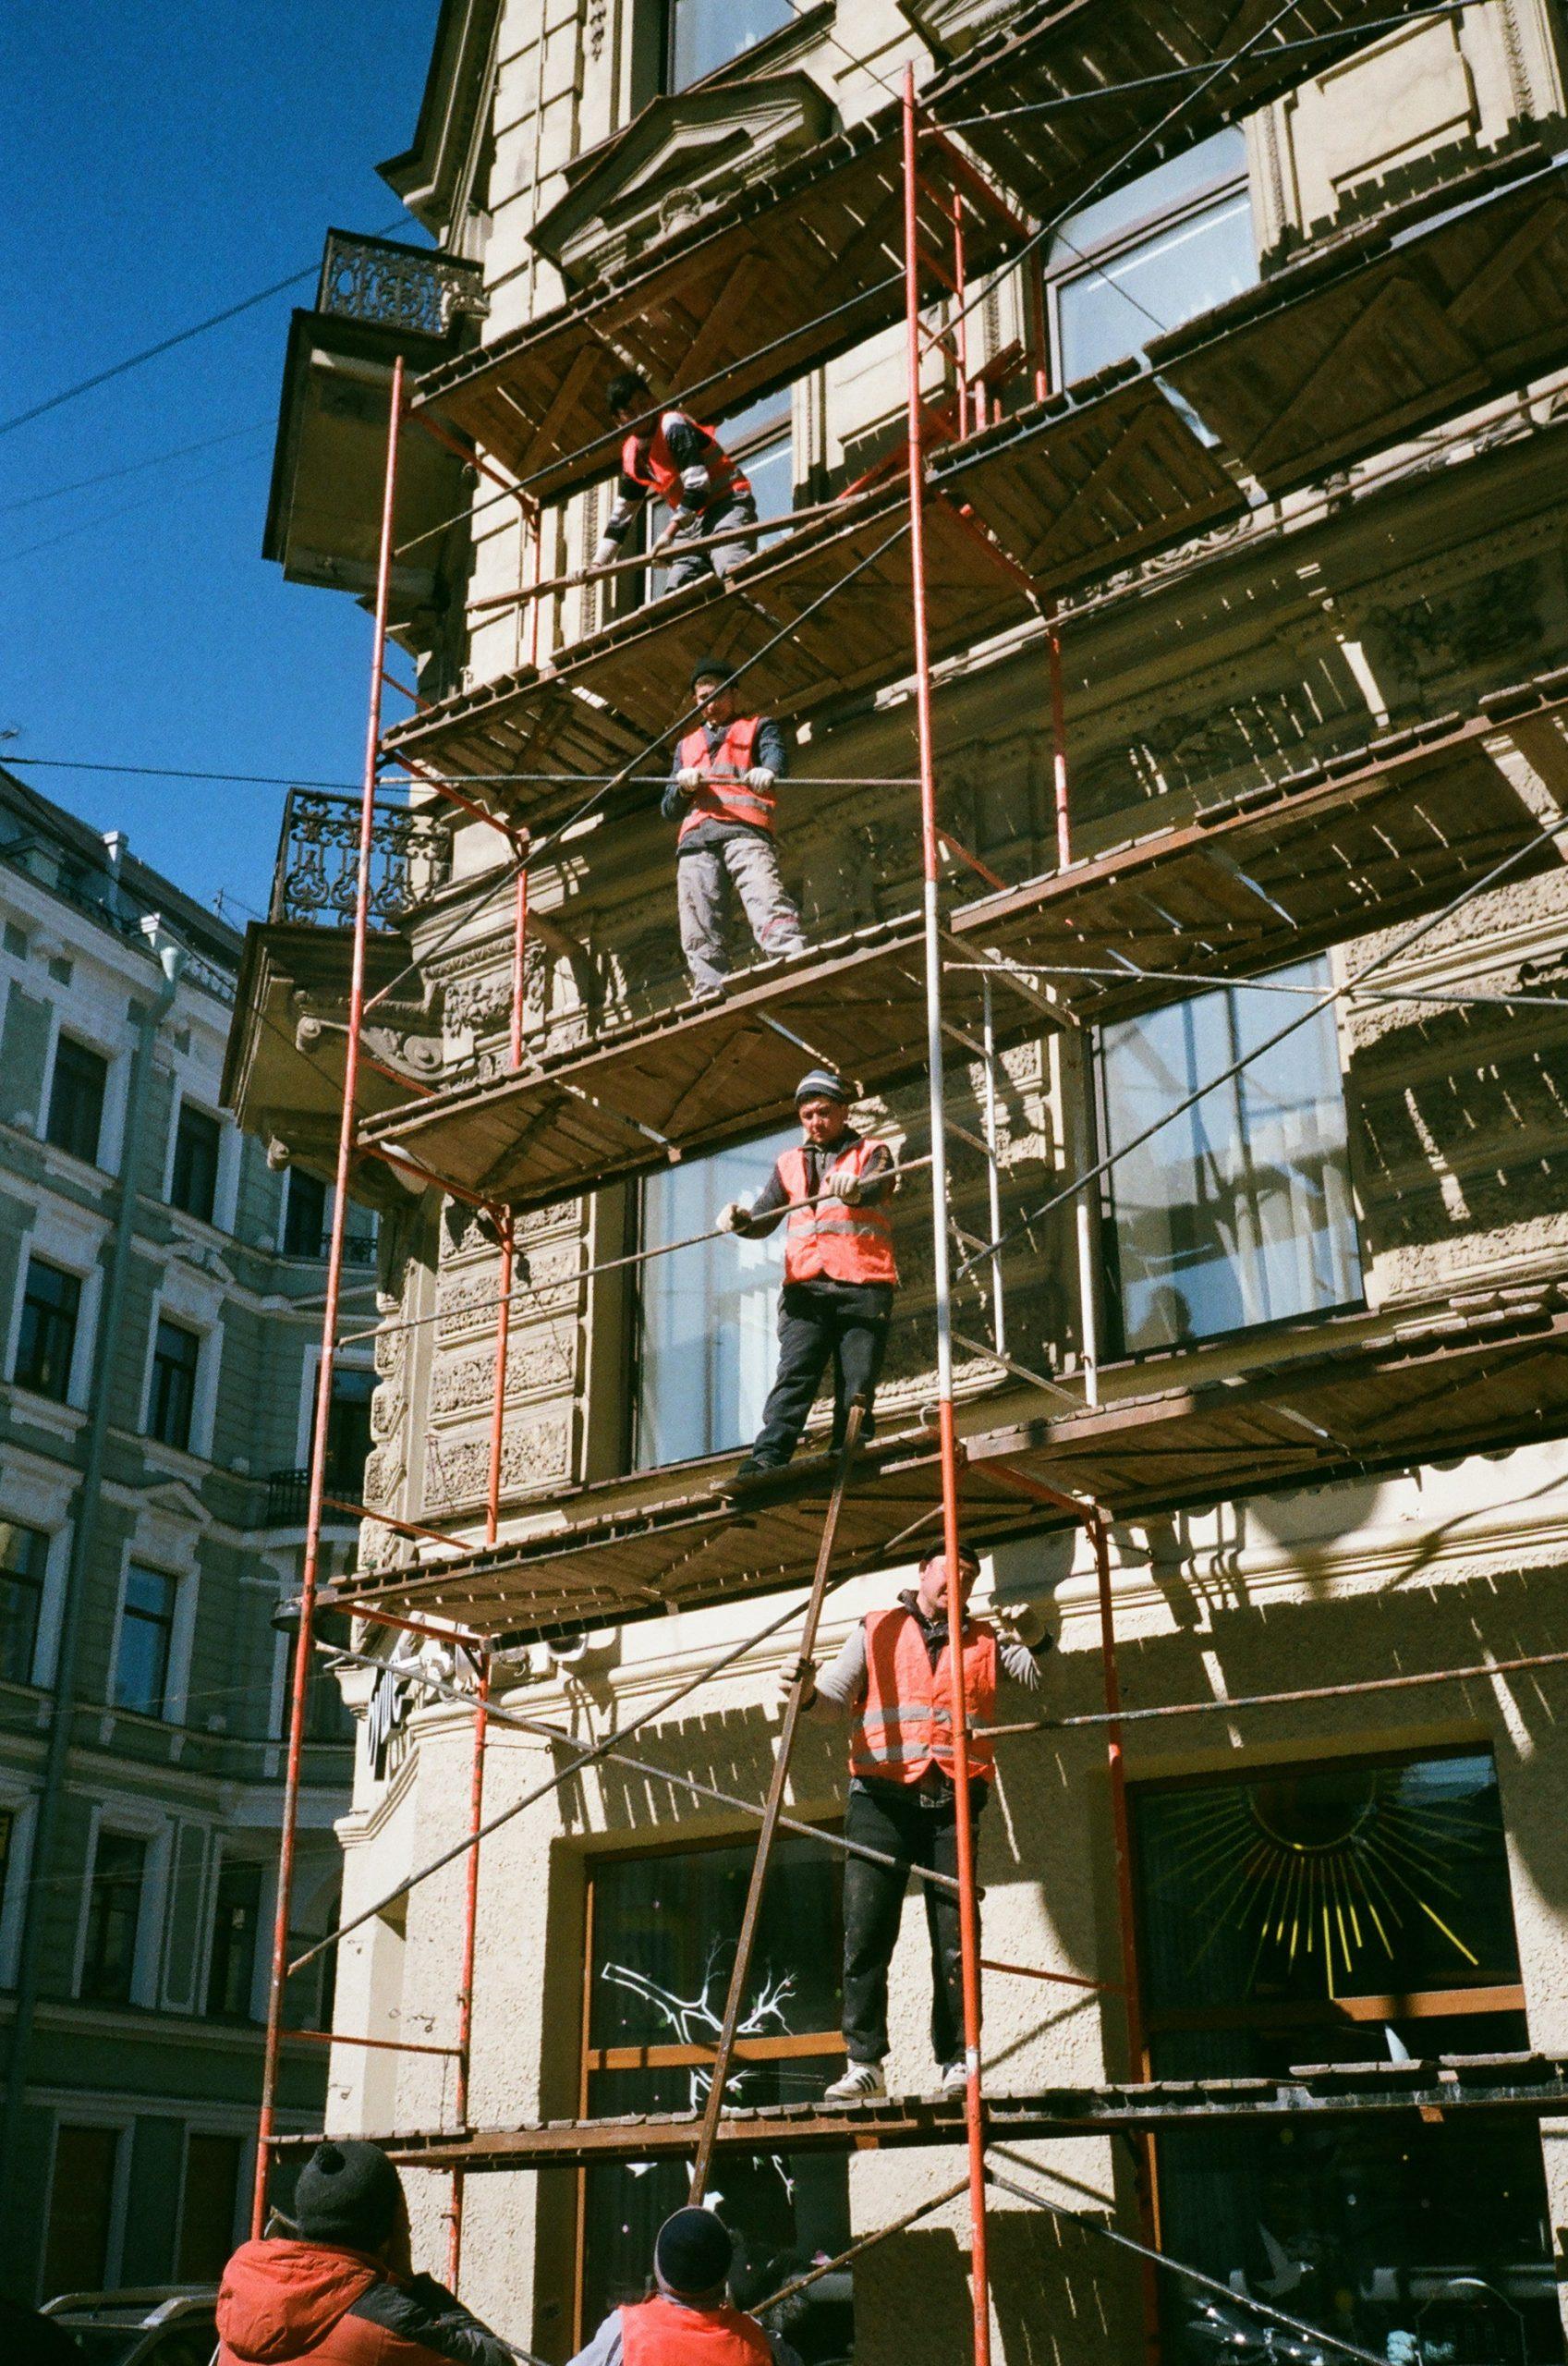 Superbonus 110%: ristrutturazioni a costo zero grazie al rimborso fiscale previsto dal Decreto Rilancio